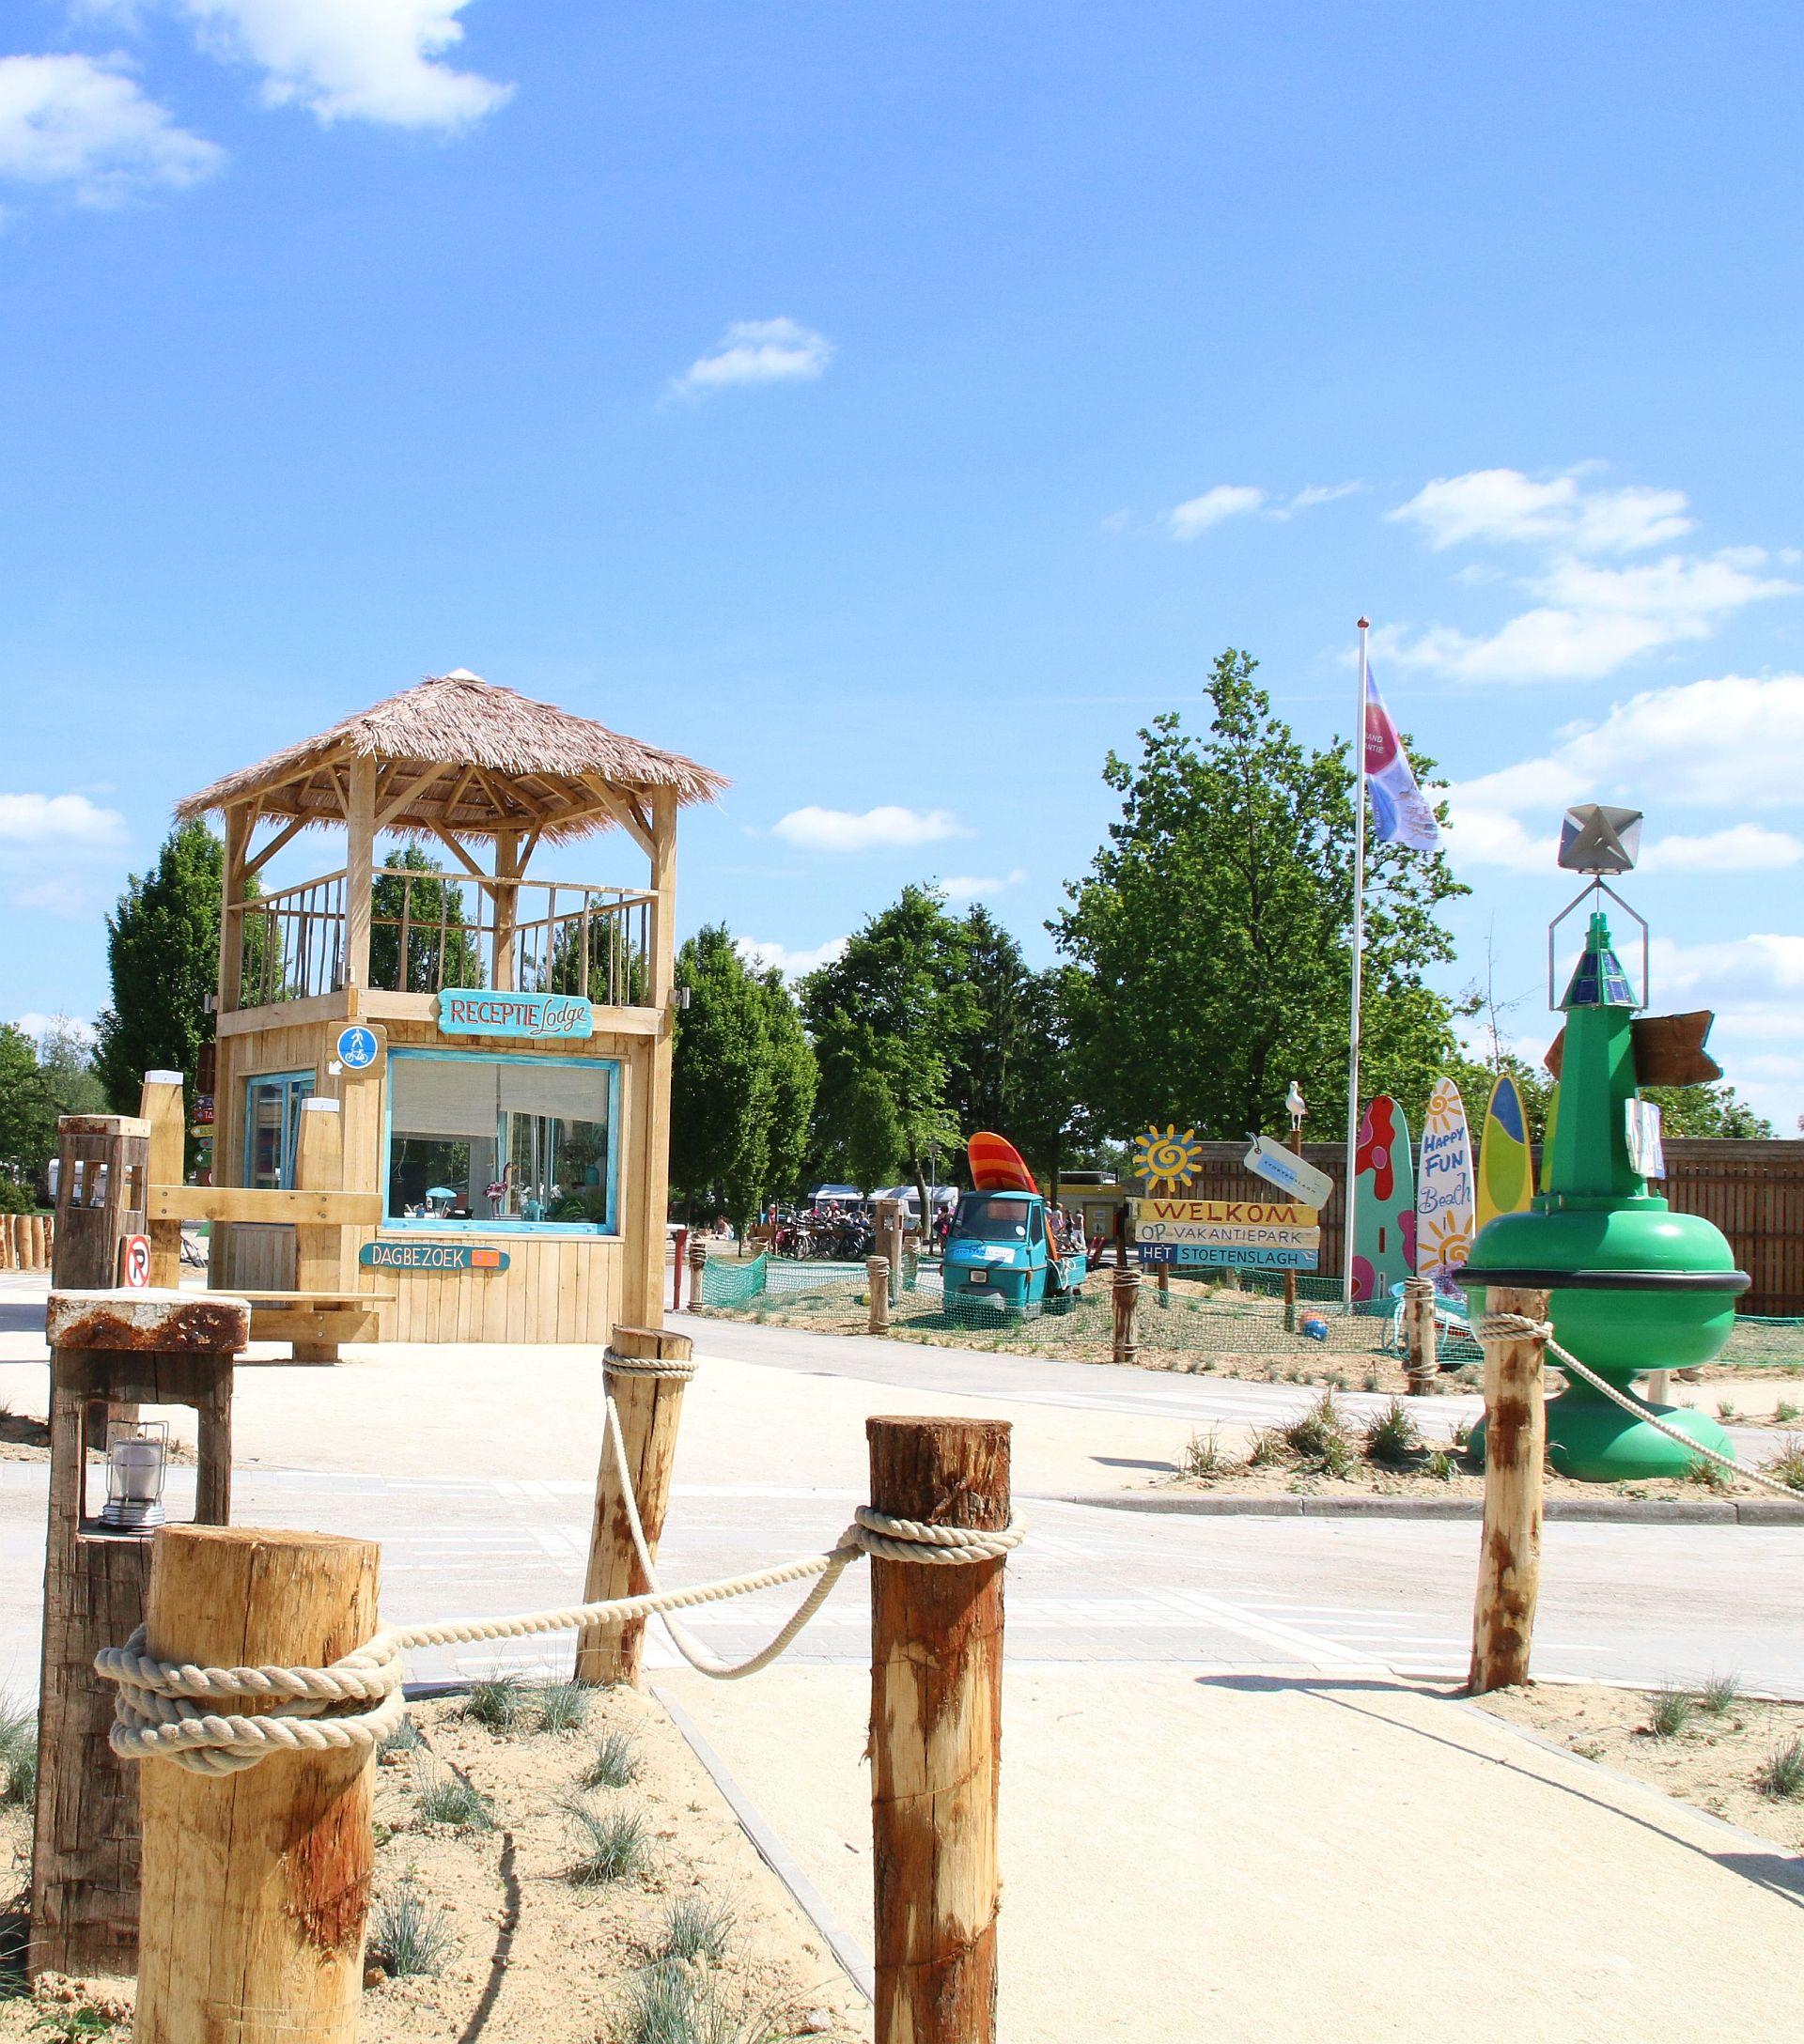 Urlaub in Hardenberg auf 5-Sterne-Campingplatz Capfun het Stoetenslagh - Urlaub in Hardenberg